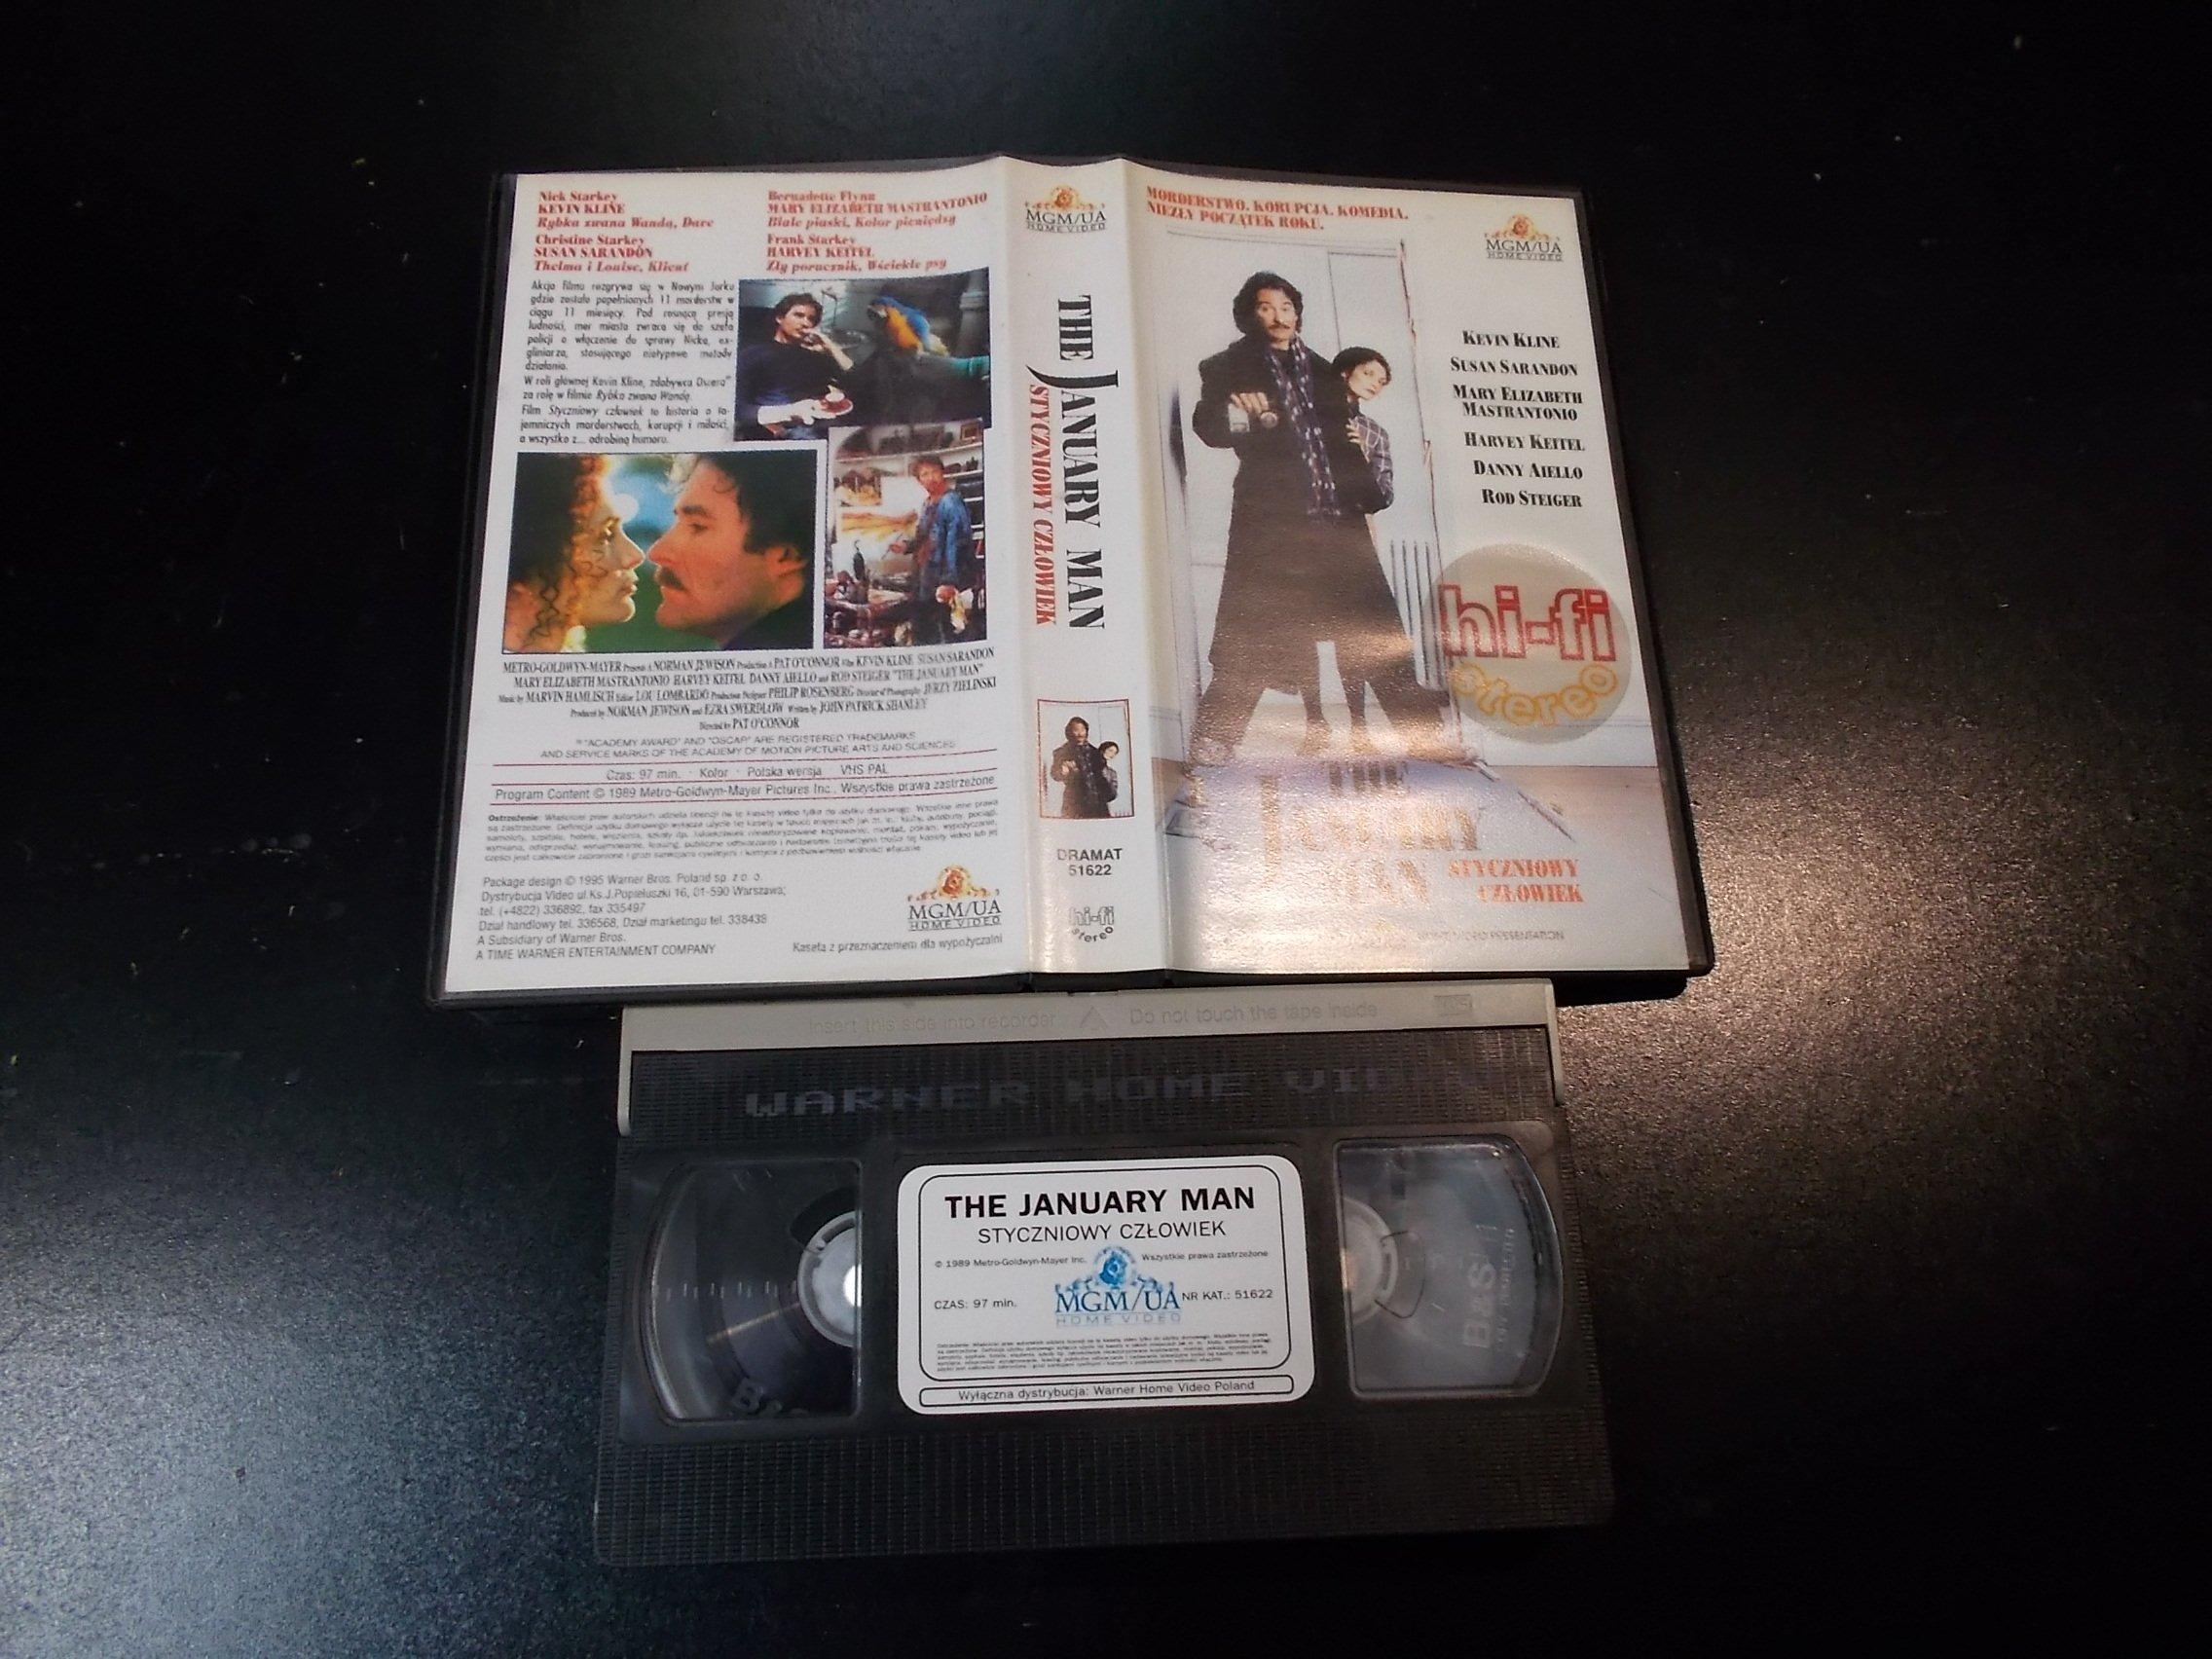 STYCZNIOWY CZŁOWIEK - kaseta Video VHS - 1368 Sklep